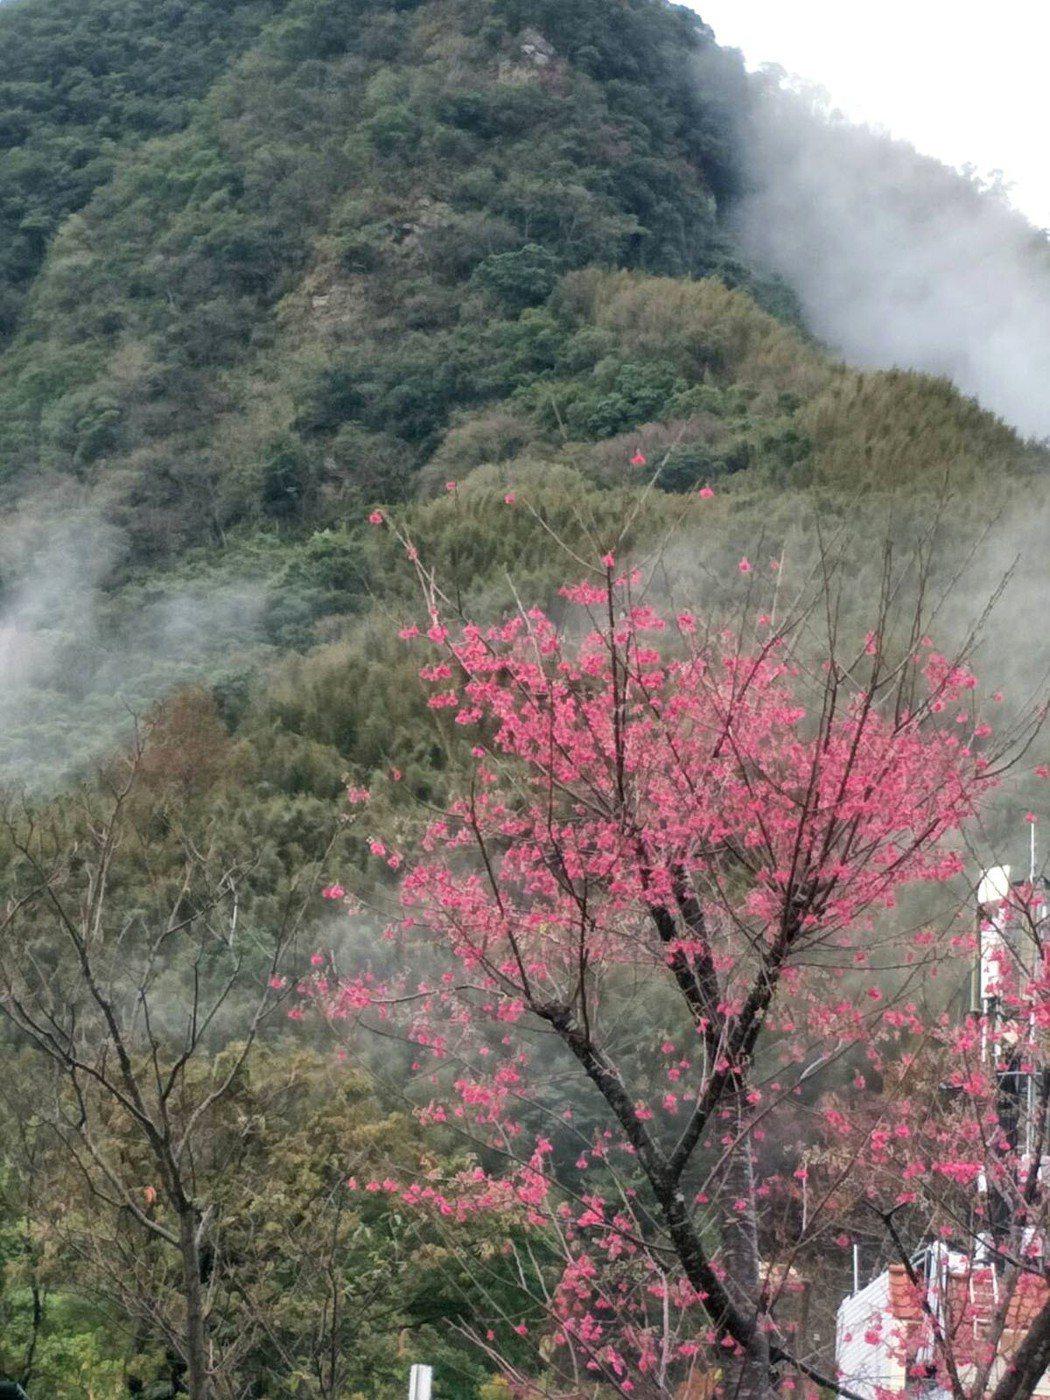 寒流來襲,桃園市復興山區清晨低溫下探,山區隨溫氣回升,各種櫻花連日盛開更美。圖/...